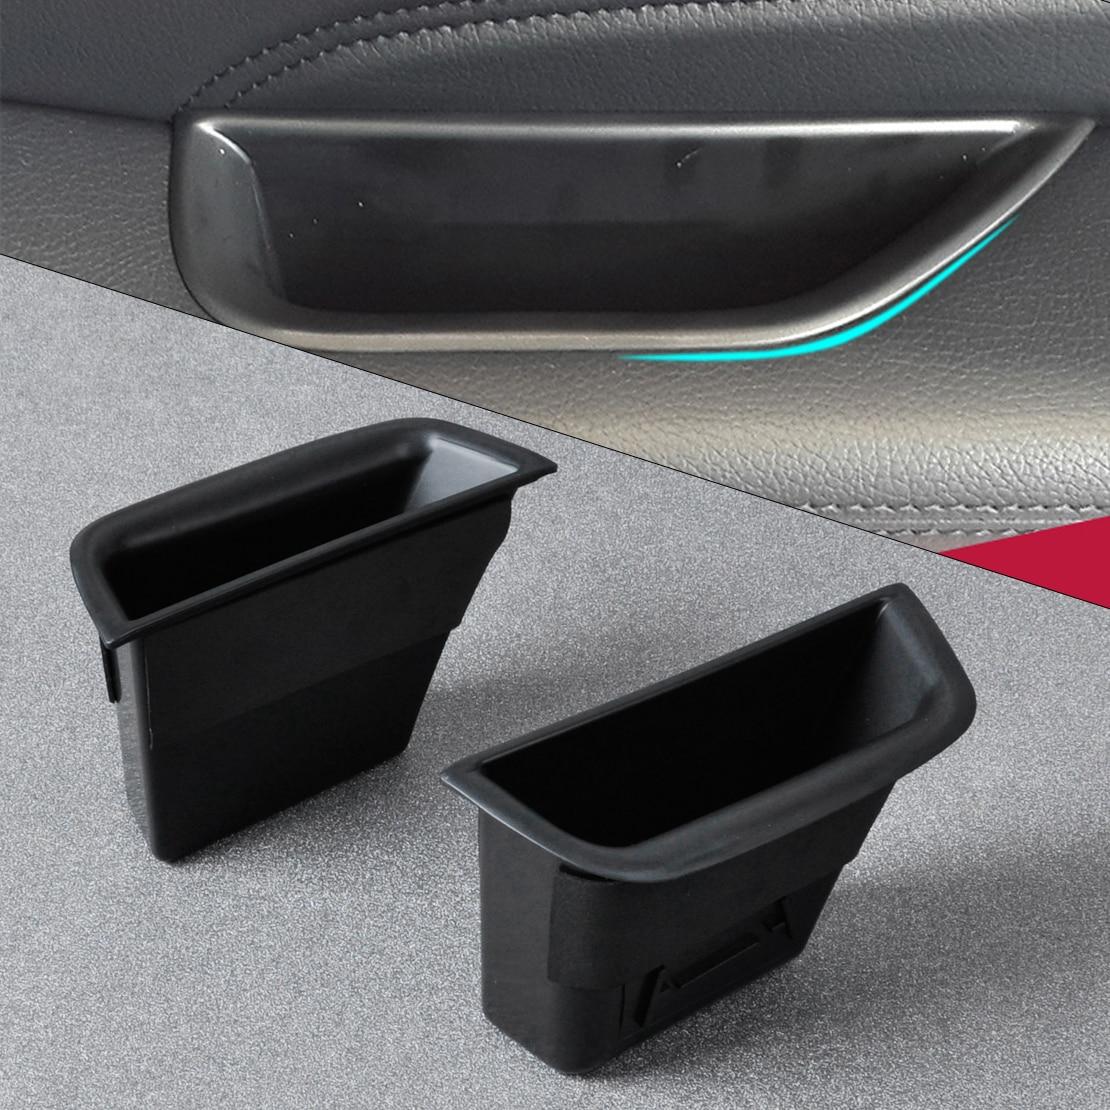 DWCX 2x Автомобильная задняя дверь подлокотник коробка для хранения Контейнер держатель для телефона для Mercedes Benz C-Class W204 2008 2009 2010 2011 2012 2013